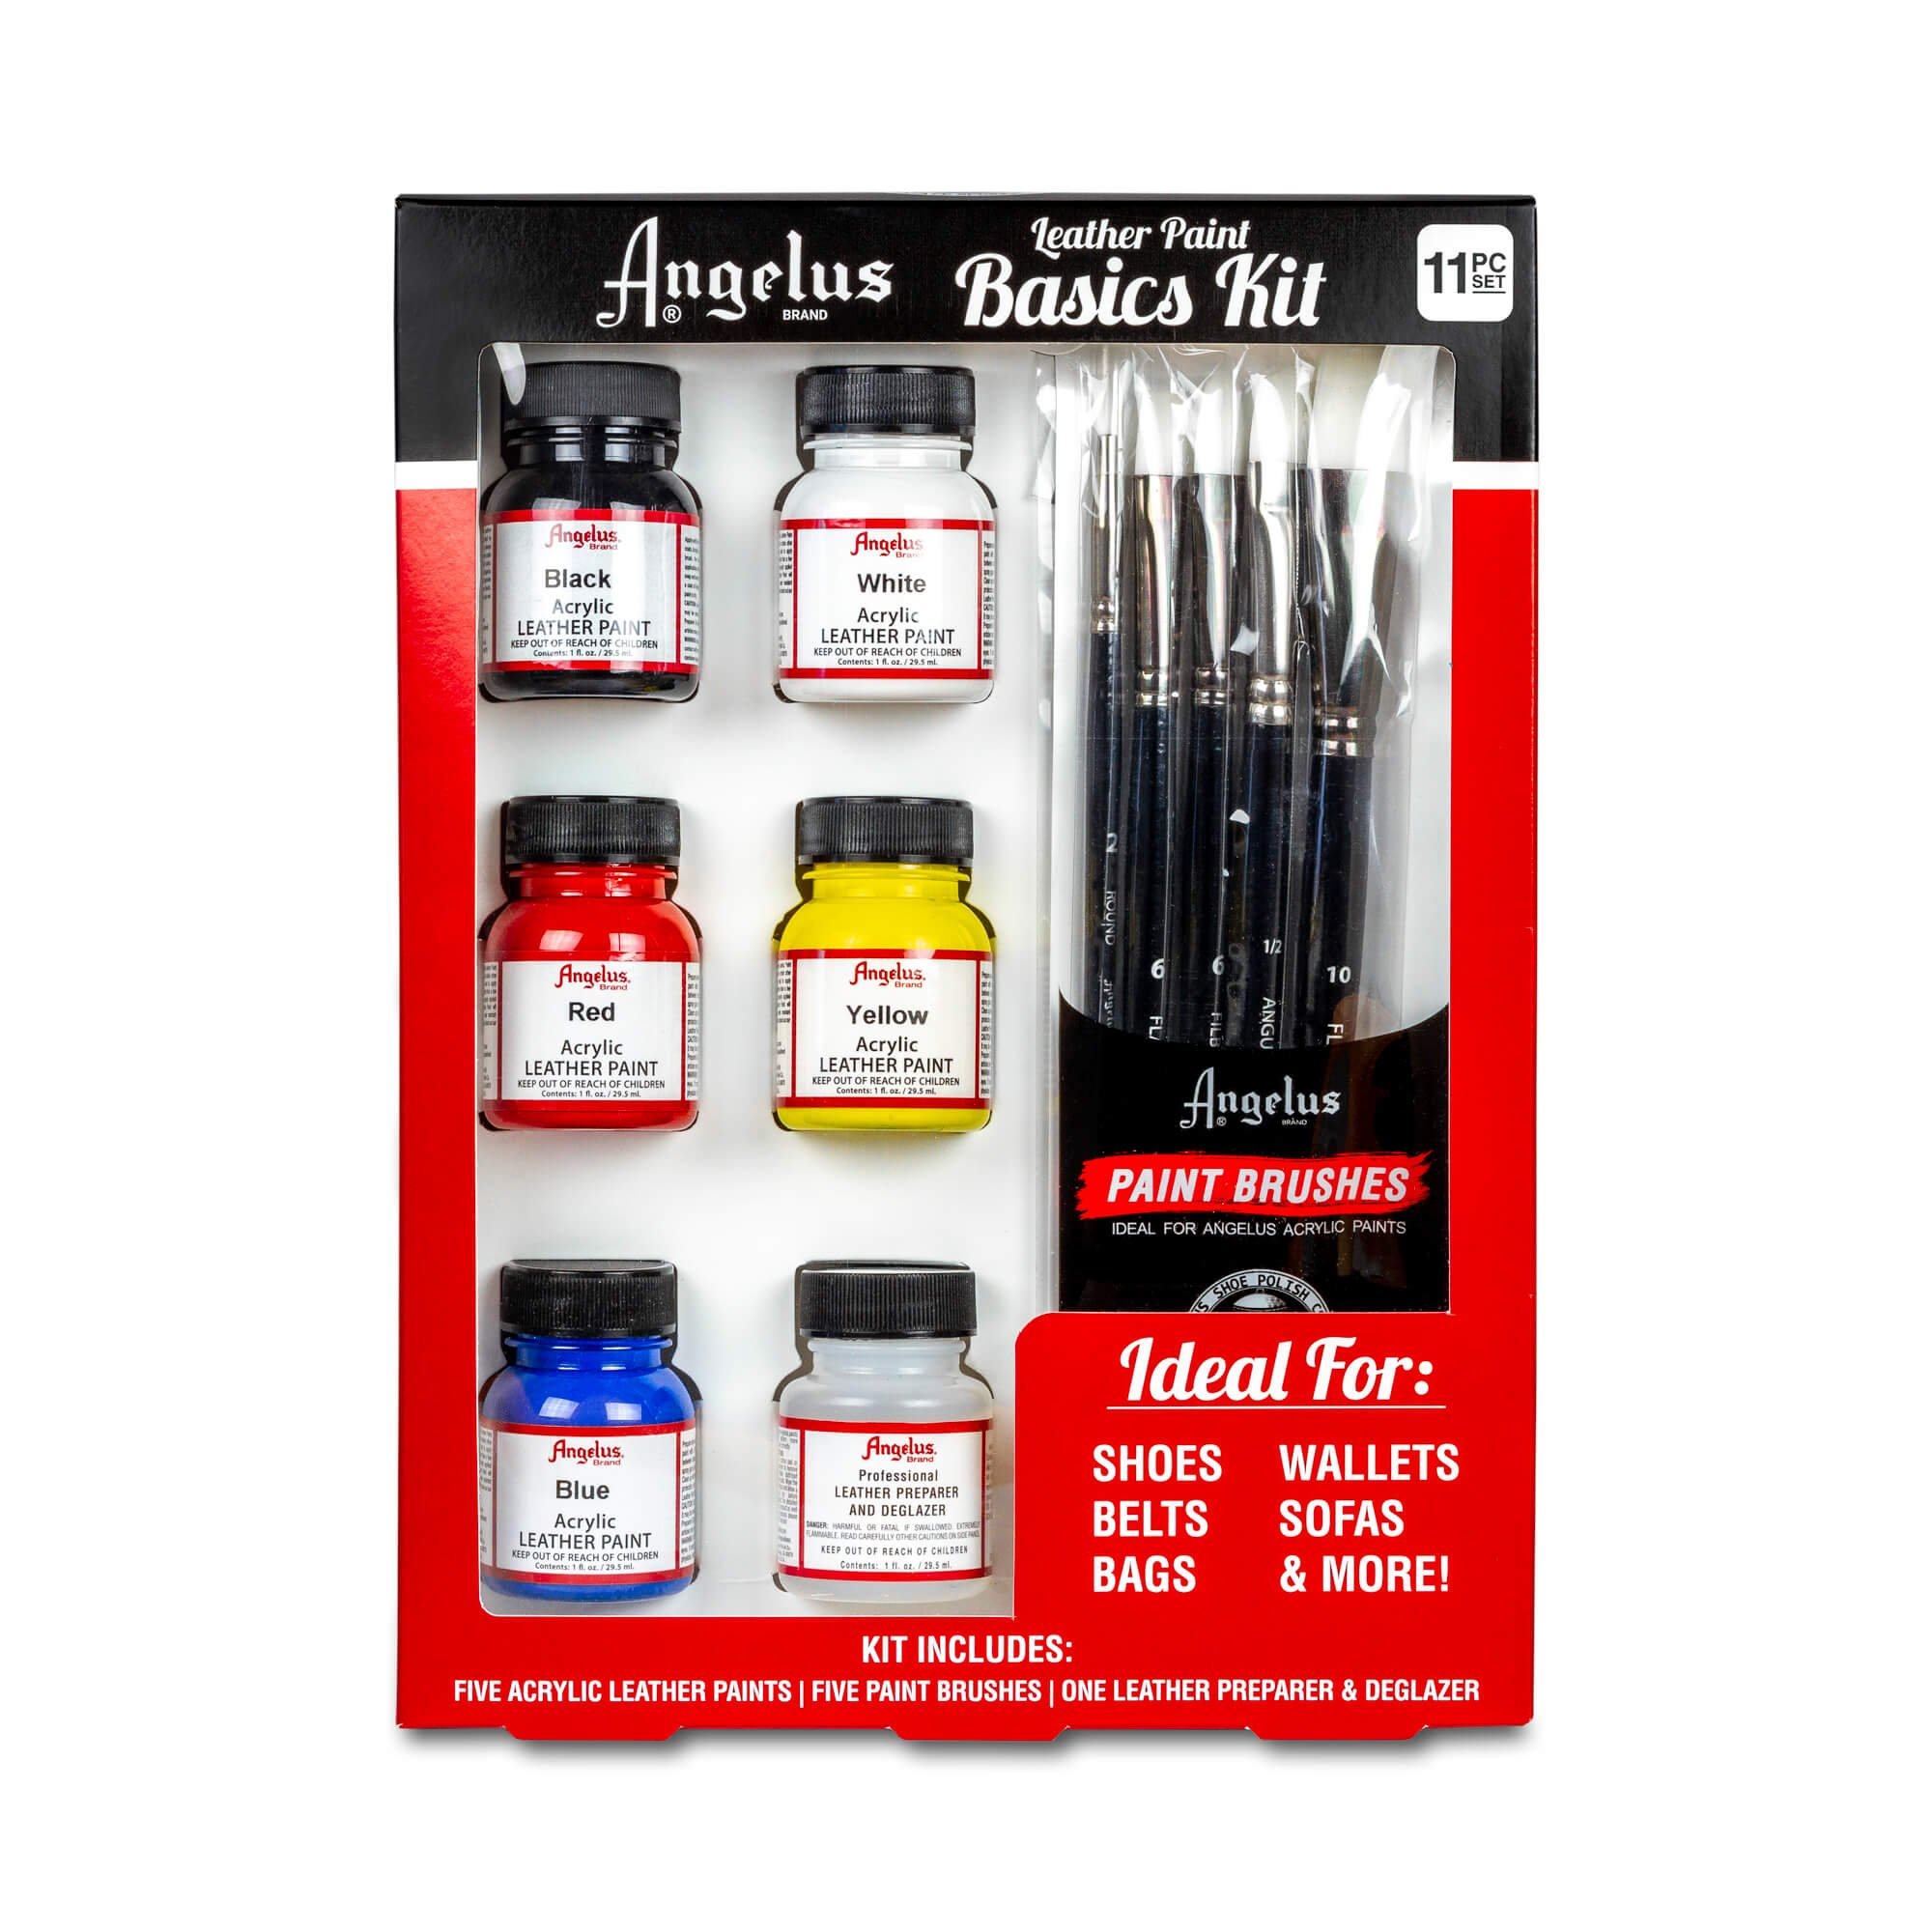 Angelus Leather Paint Starter Kit with Deglazer and Brush set